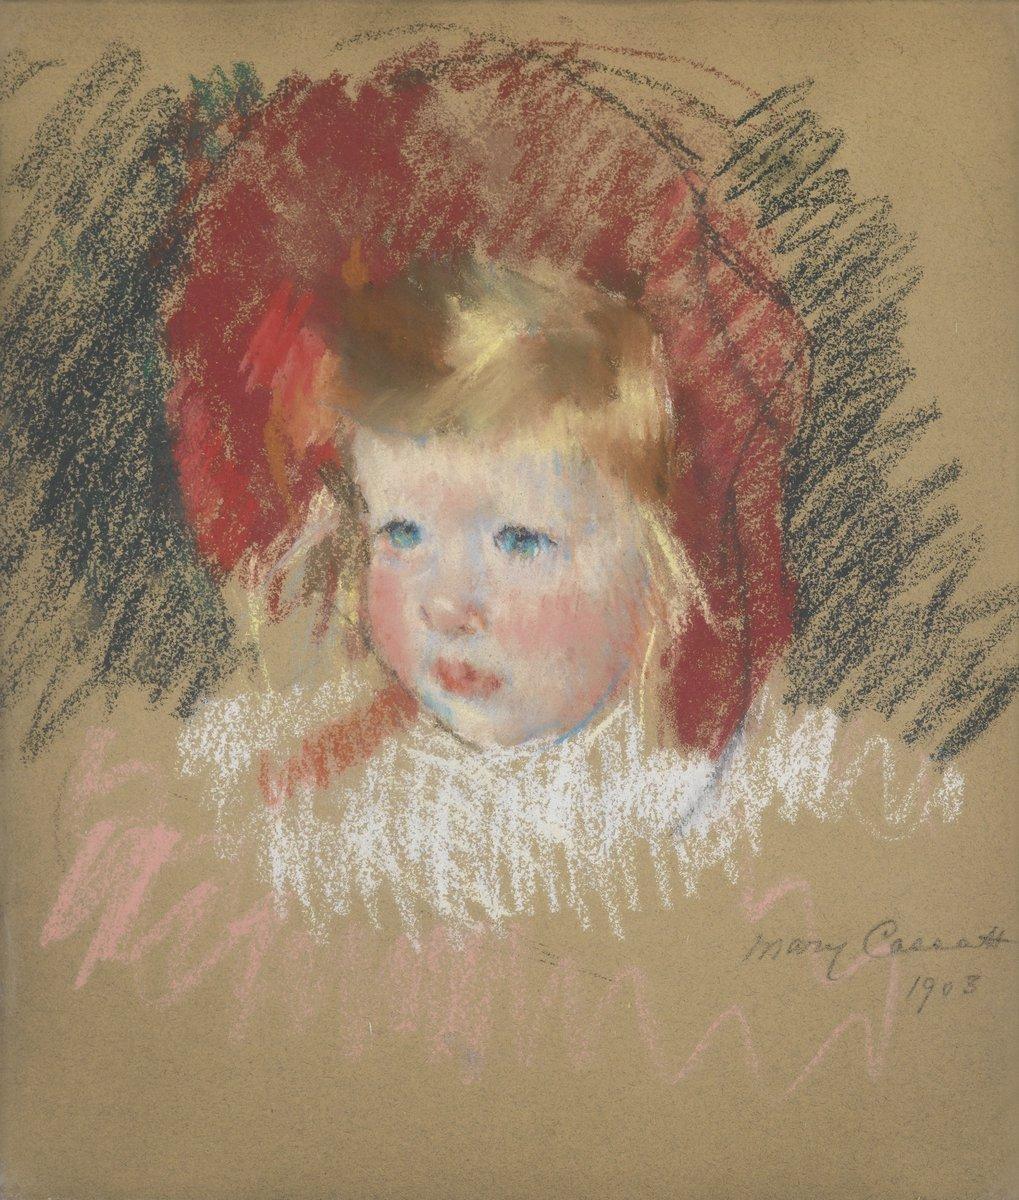 Картины пастелью, картина Кассат Мери «Голова ребенка в красной шляпе»Картины пастелью<br>Репродукция на холсте или бумаге. Любого нужного вам размера. В раме или без. Подвес в комплекте. Трехслойная надежная упаковка. Доставим в любую точку России. Вам осталось только повесить картину на стену!<br>